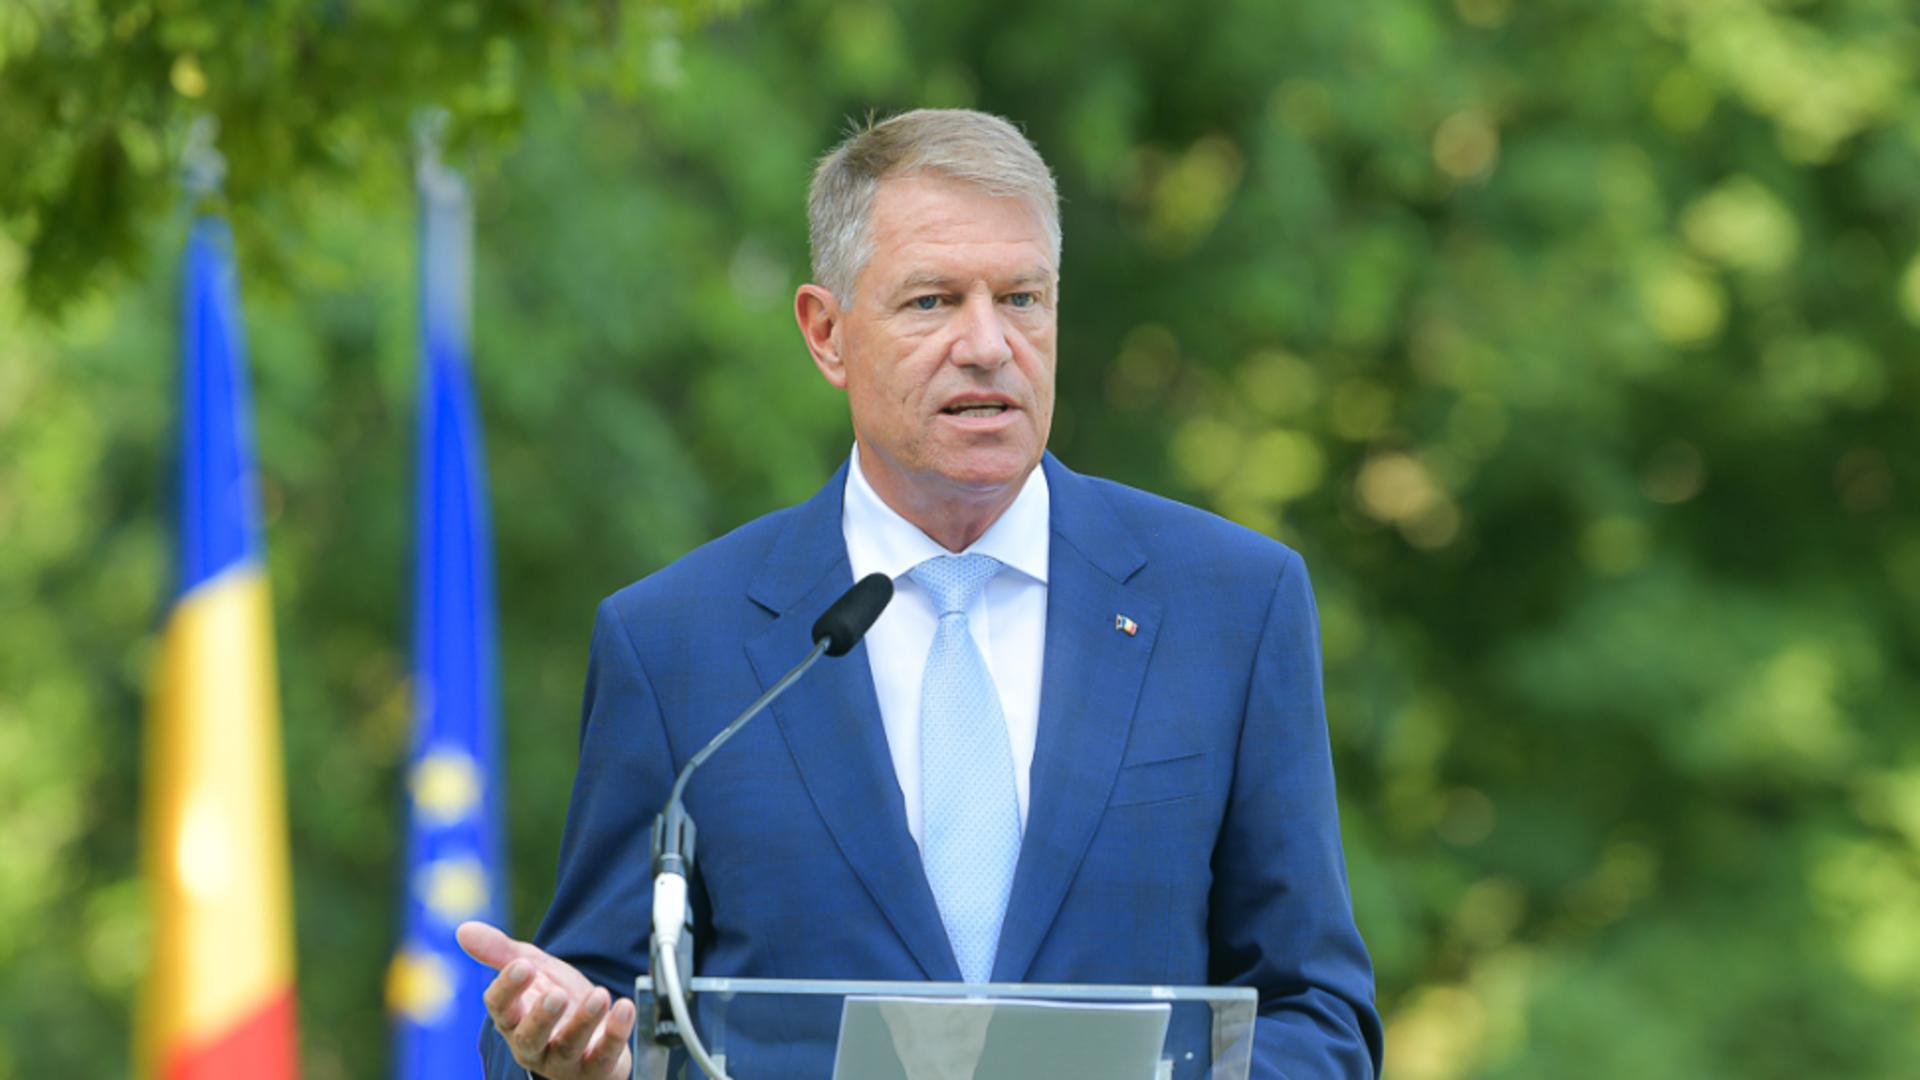 Klaus Iohannis, mutare de ultim moment: DECLARAȚII la Cotroceni, după picarea Guvernului Cîțu